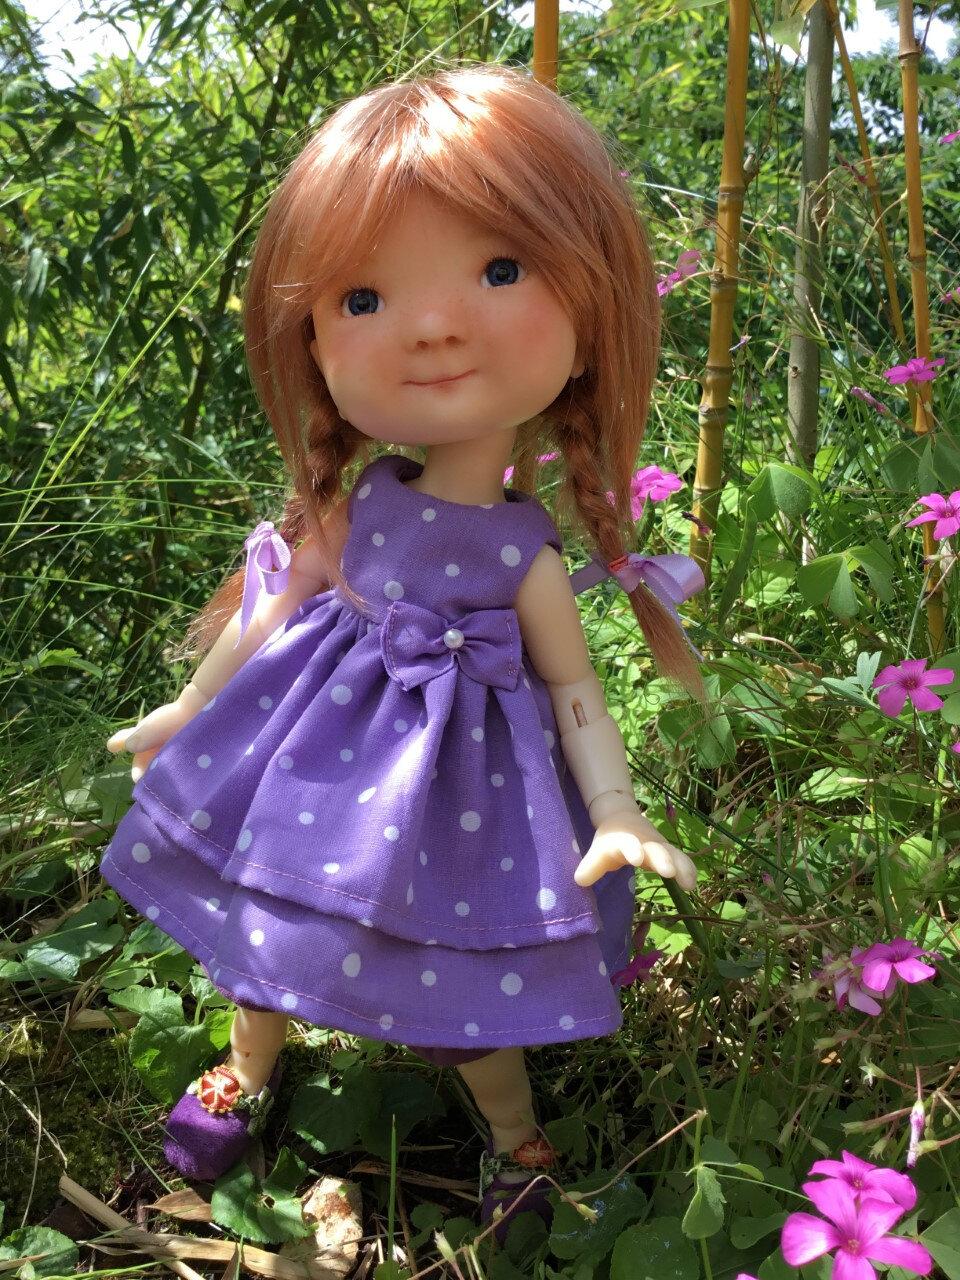 Robe mauve à pois et pantacourt violet, pour Meadow,plus disponible, 15 € et 2,50